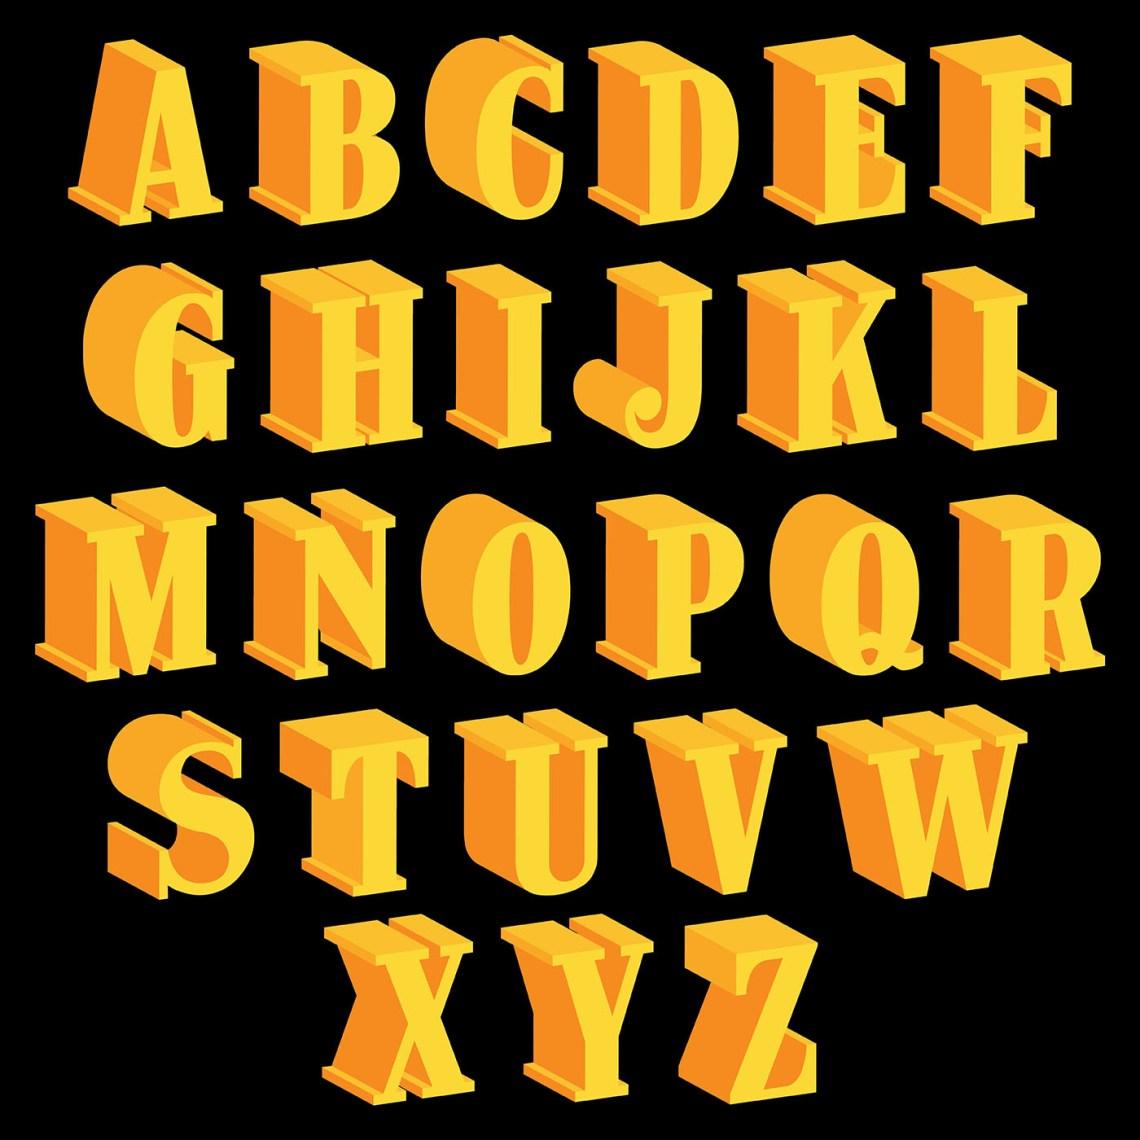 Download 3D Fonts Vector Icons - Download Free Vectors, Clipart ...